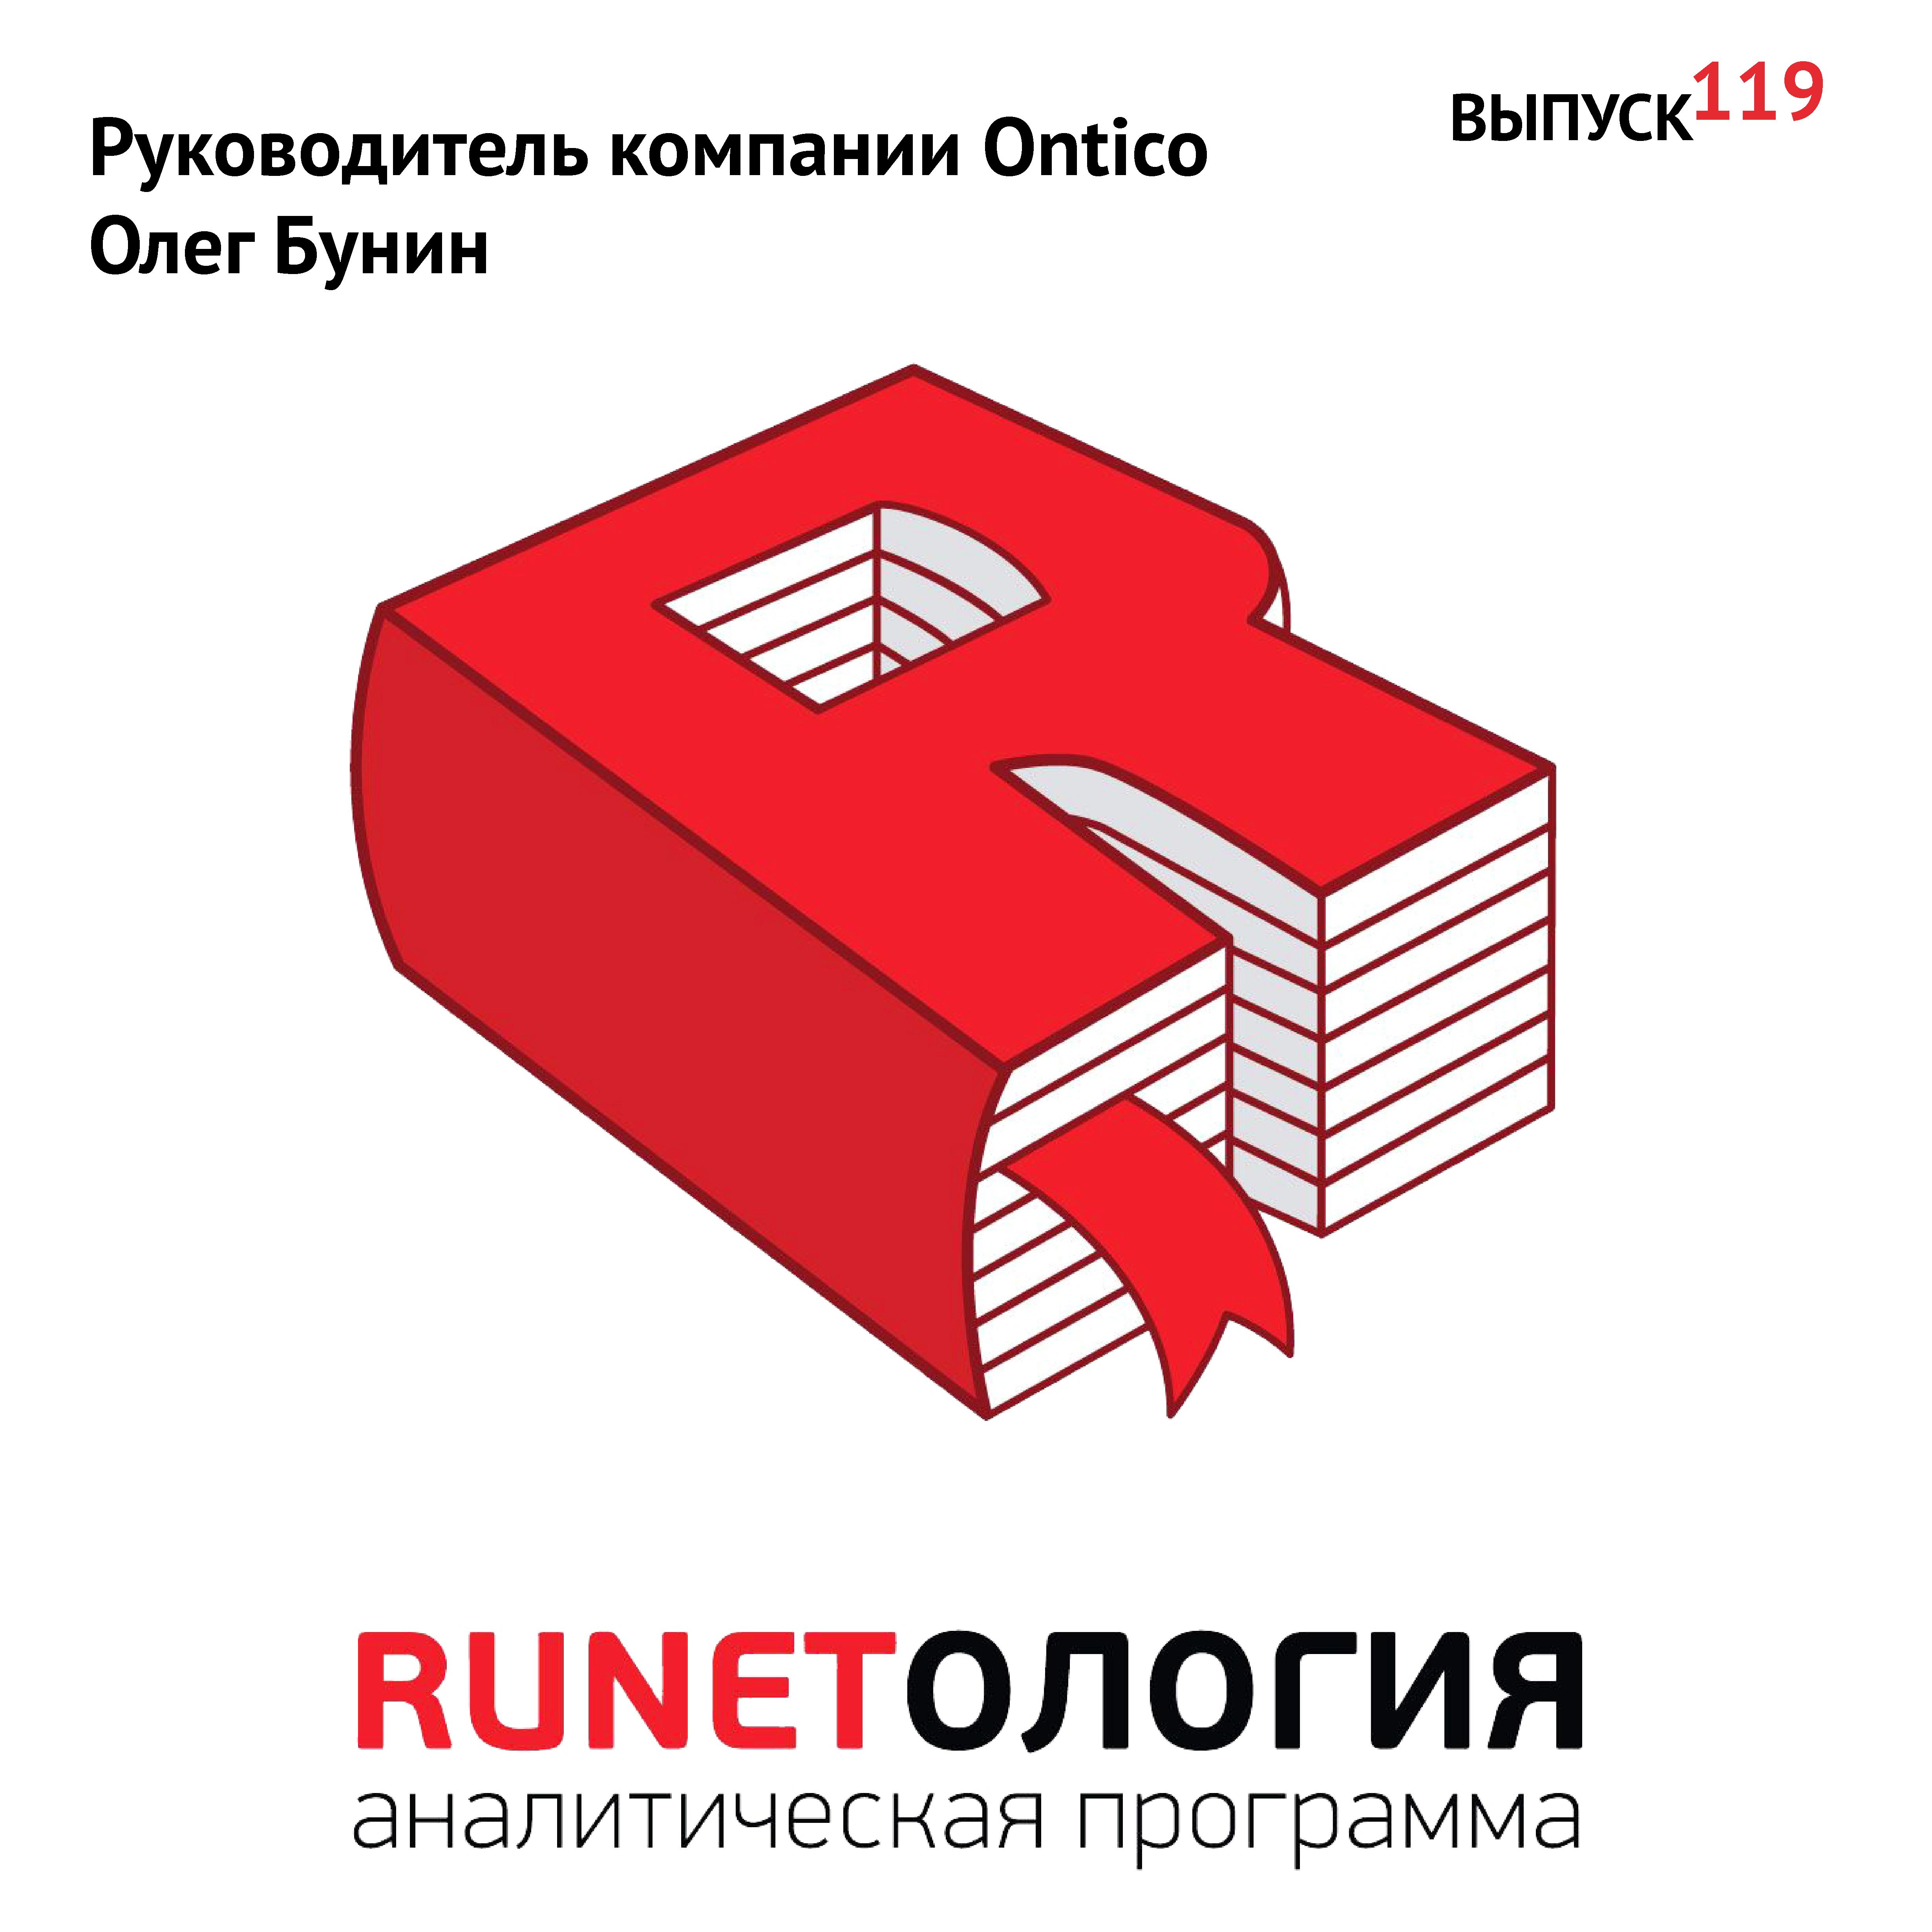 Максим Спиридонов Руководитель компании Ontico Олег Бунин сервер с защитой от ddos